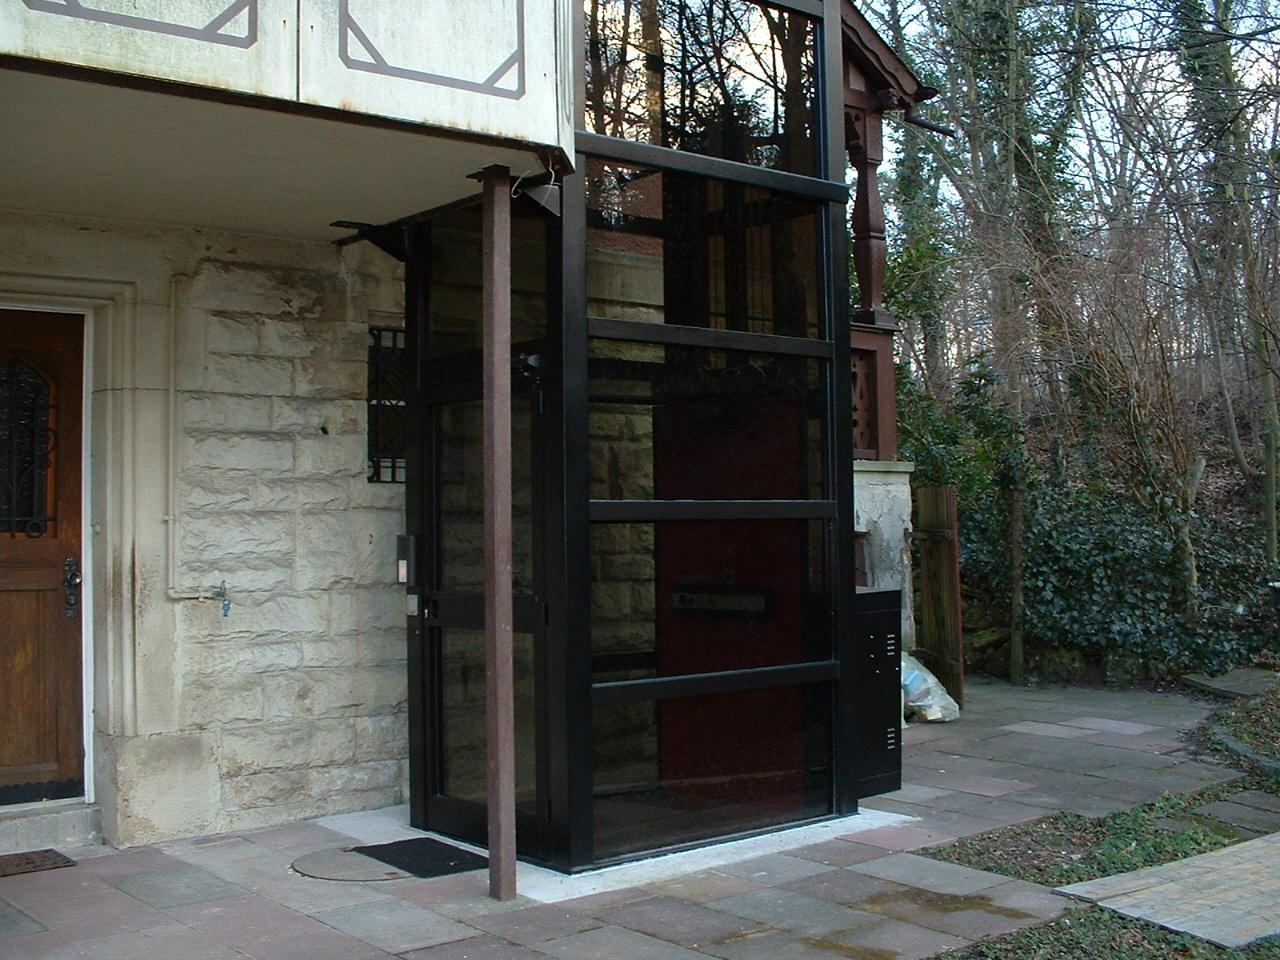 Zugang zu einem Aufzug außen neben dem Hauseingang